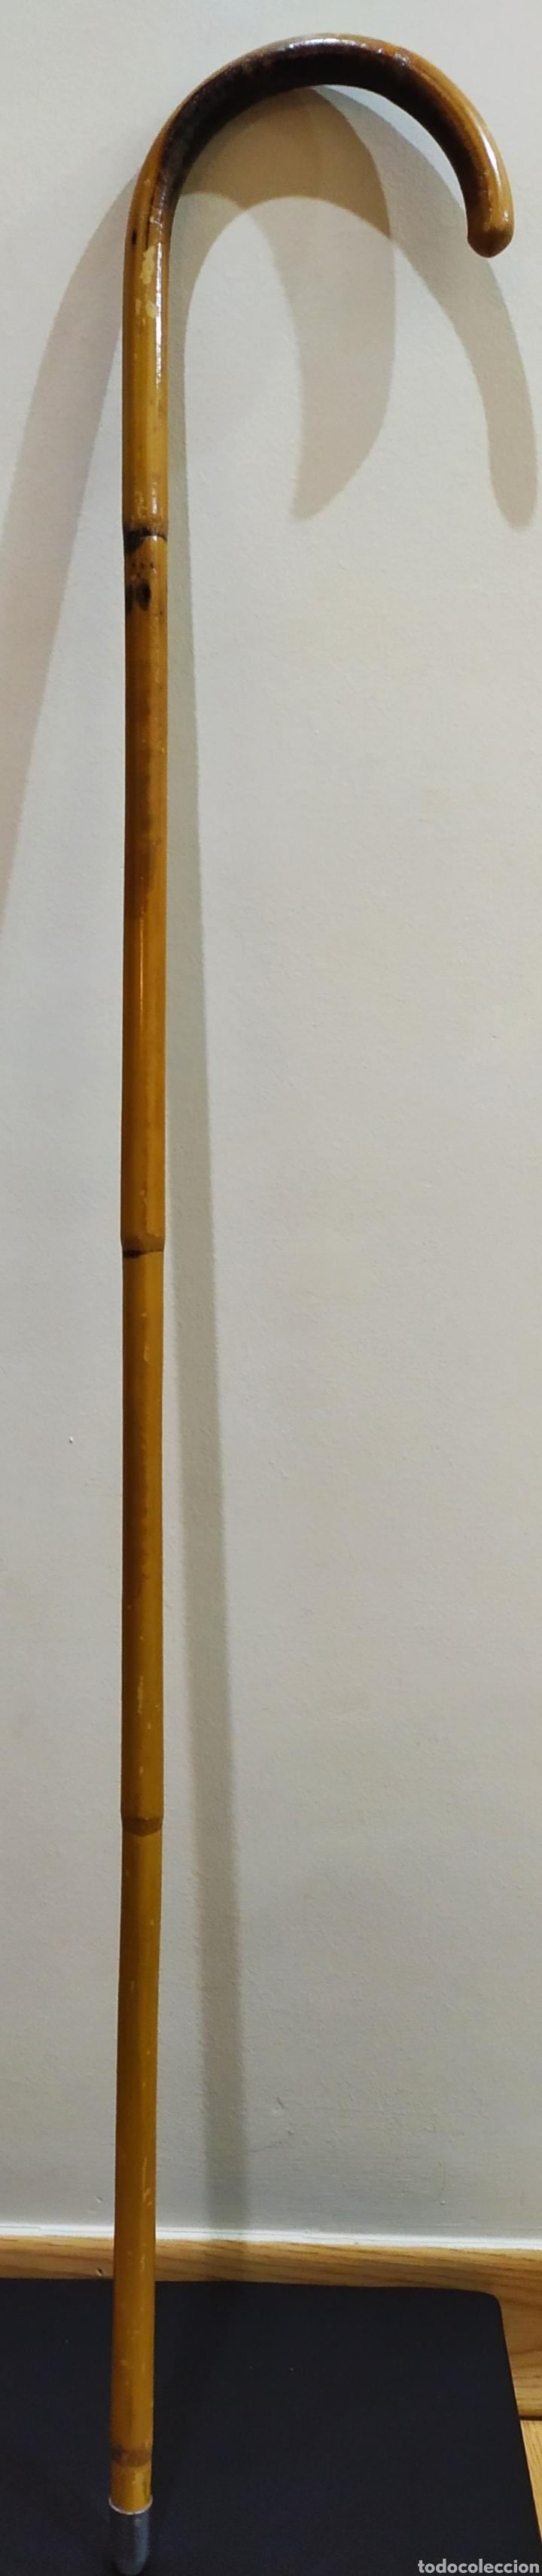 Antigüedades: Bastón/Garrote/Vara/Garrota curva de caña de Bambú. - Foto 16 - 230945355